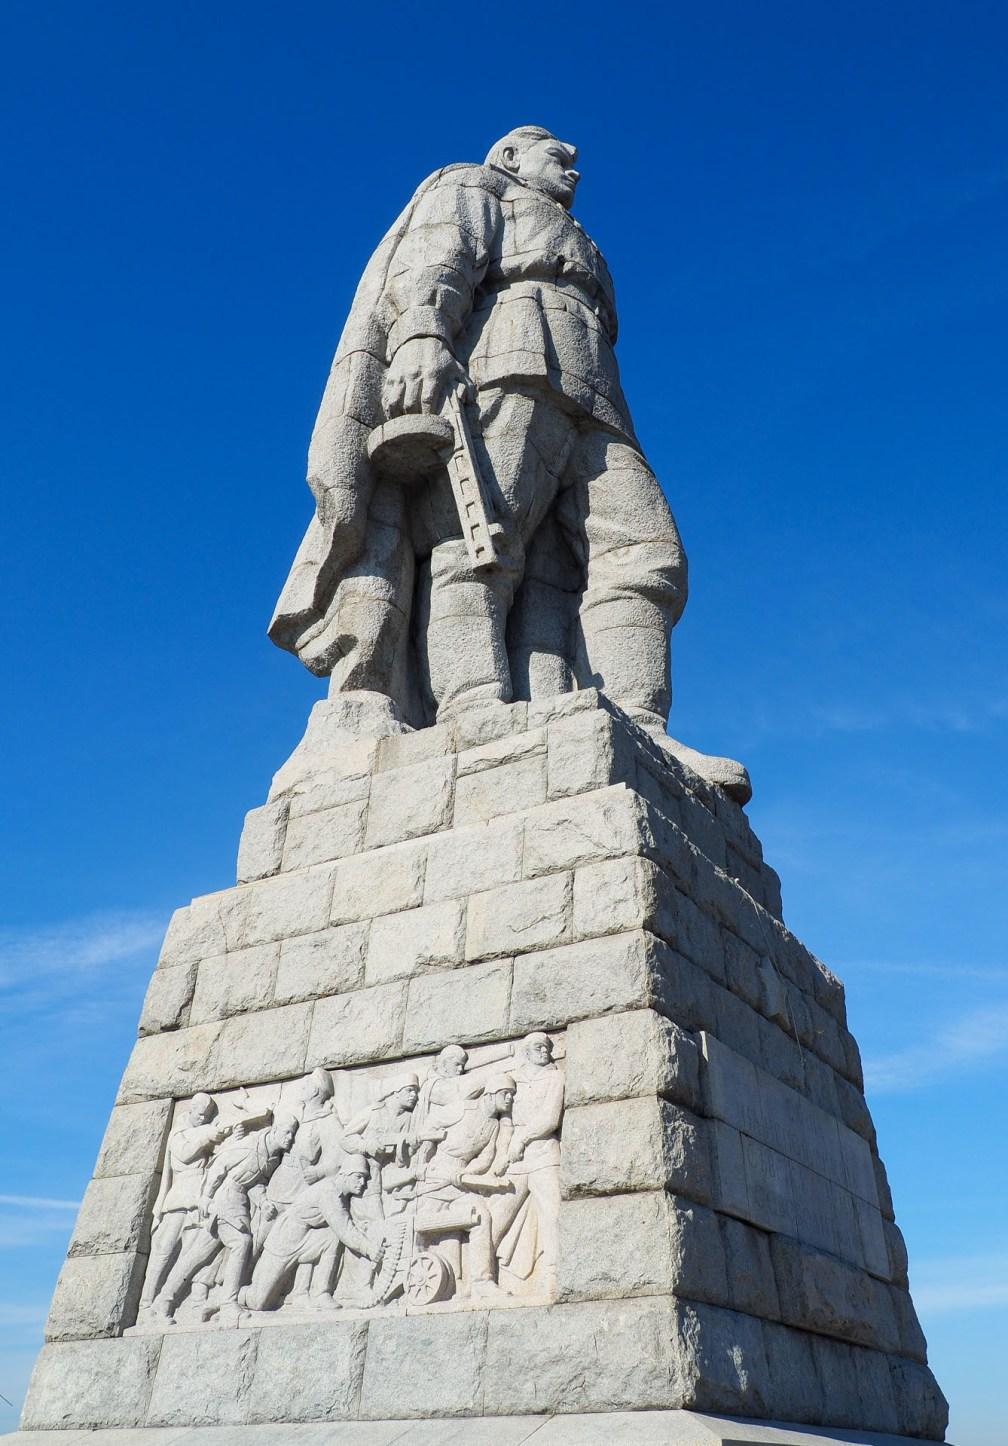 Alyosha Monument